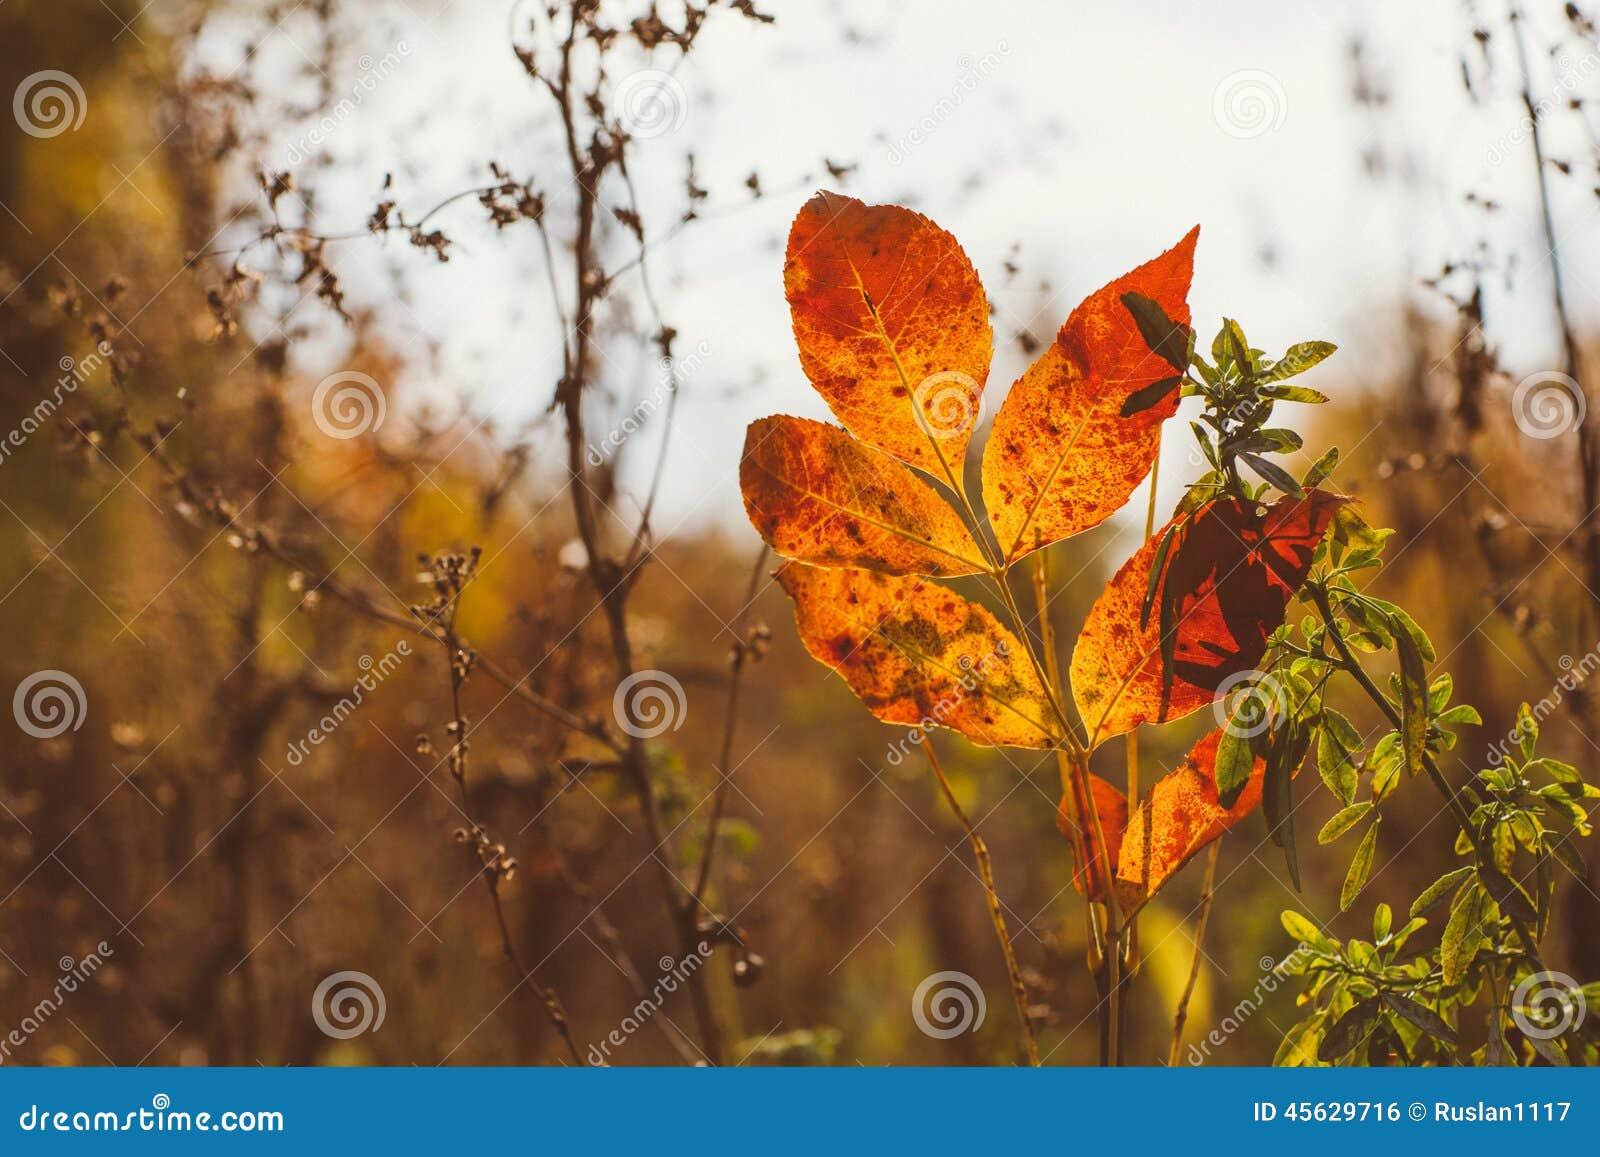 抽象叶子背景,美好的树枝在秋季森林,明亮的温暖的太阳光,橙色干燥槭树离开,秋天海